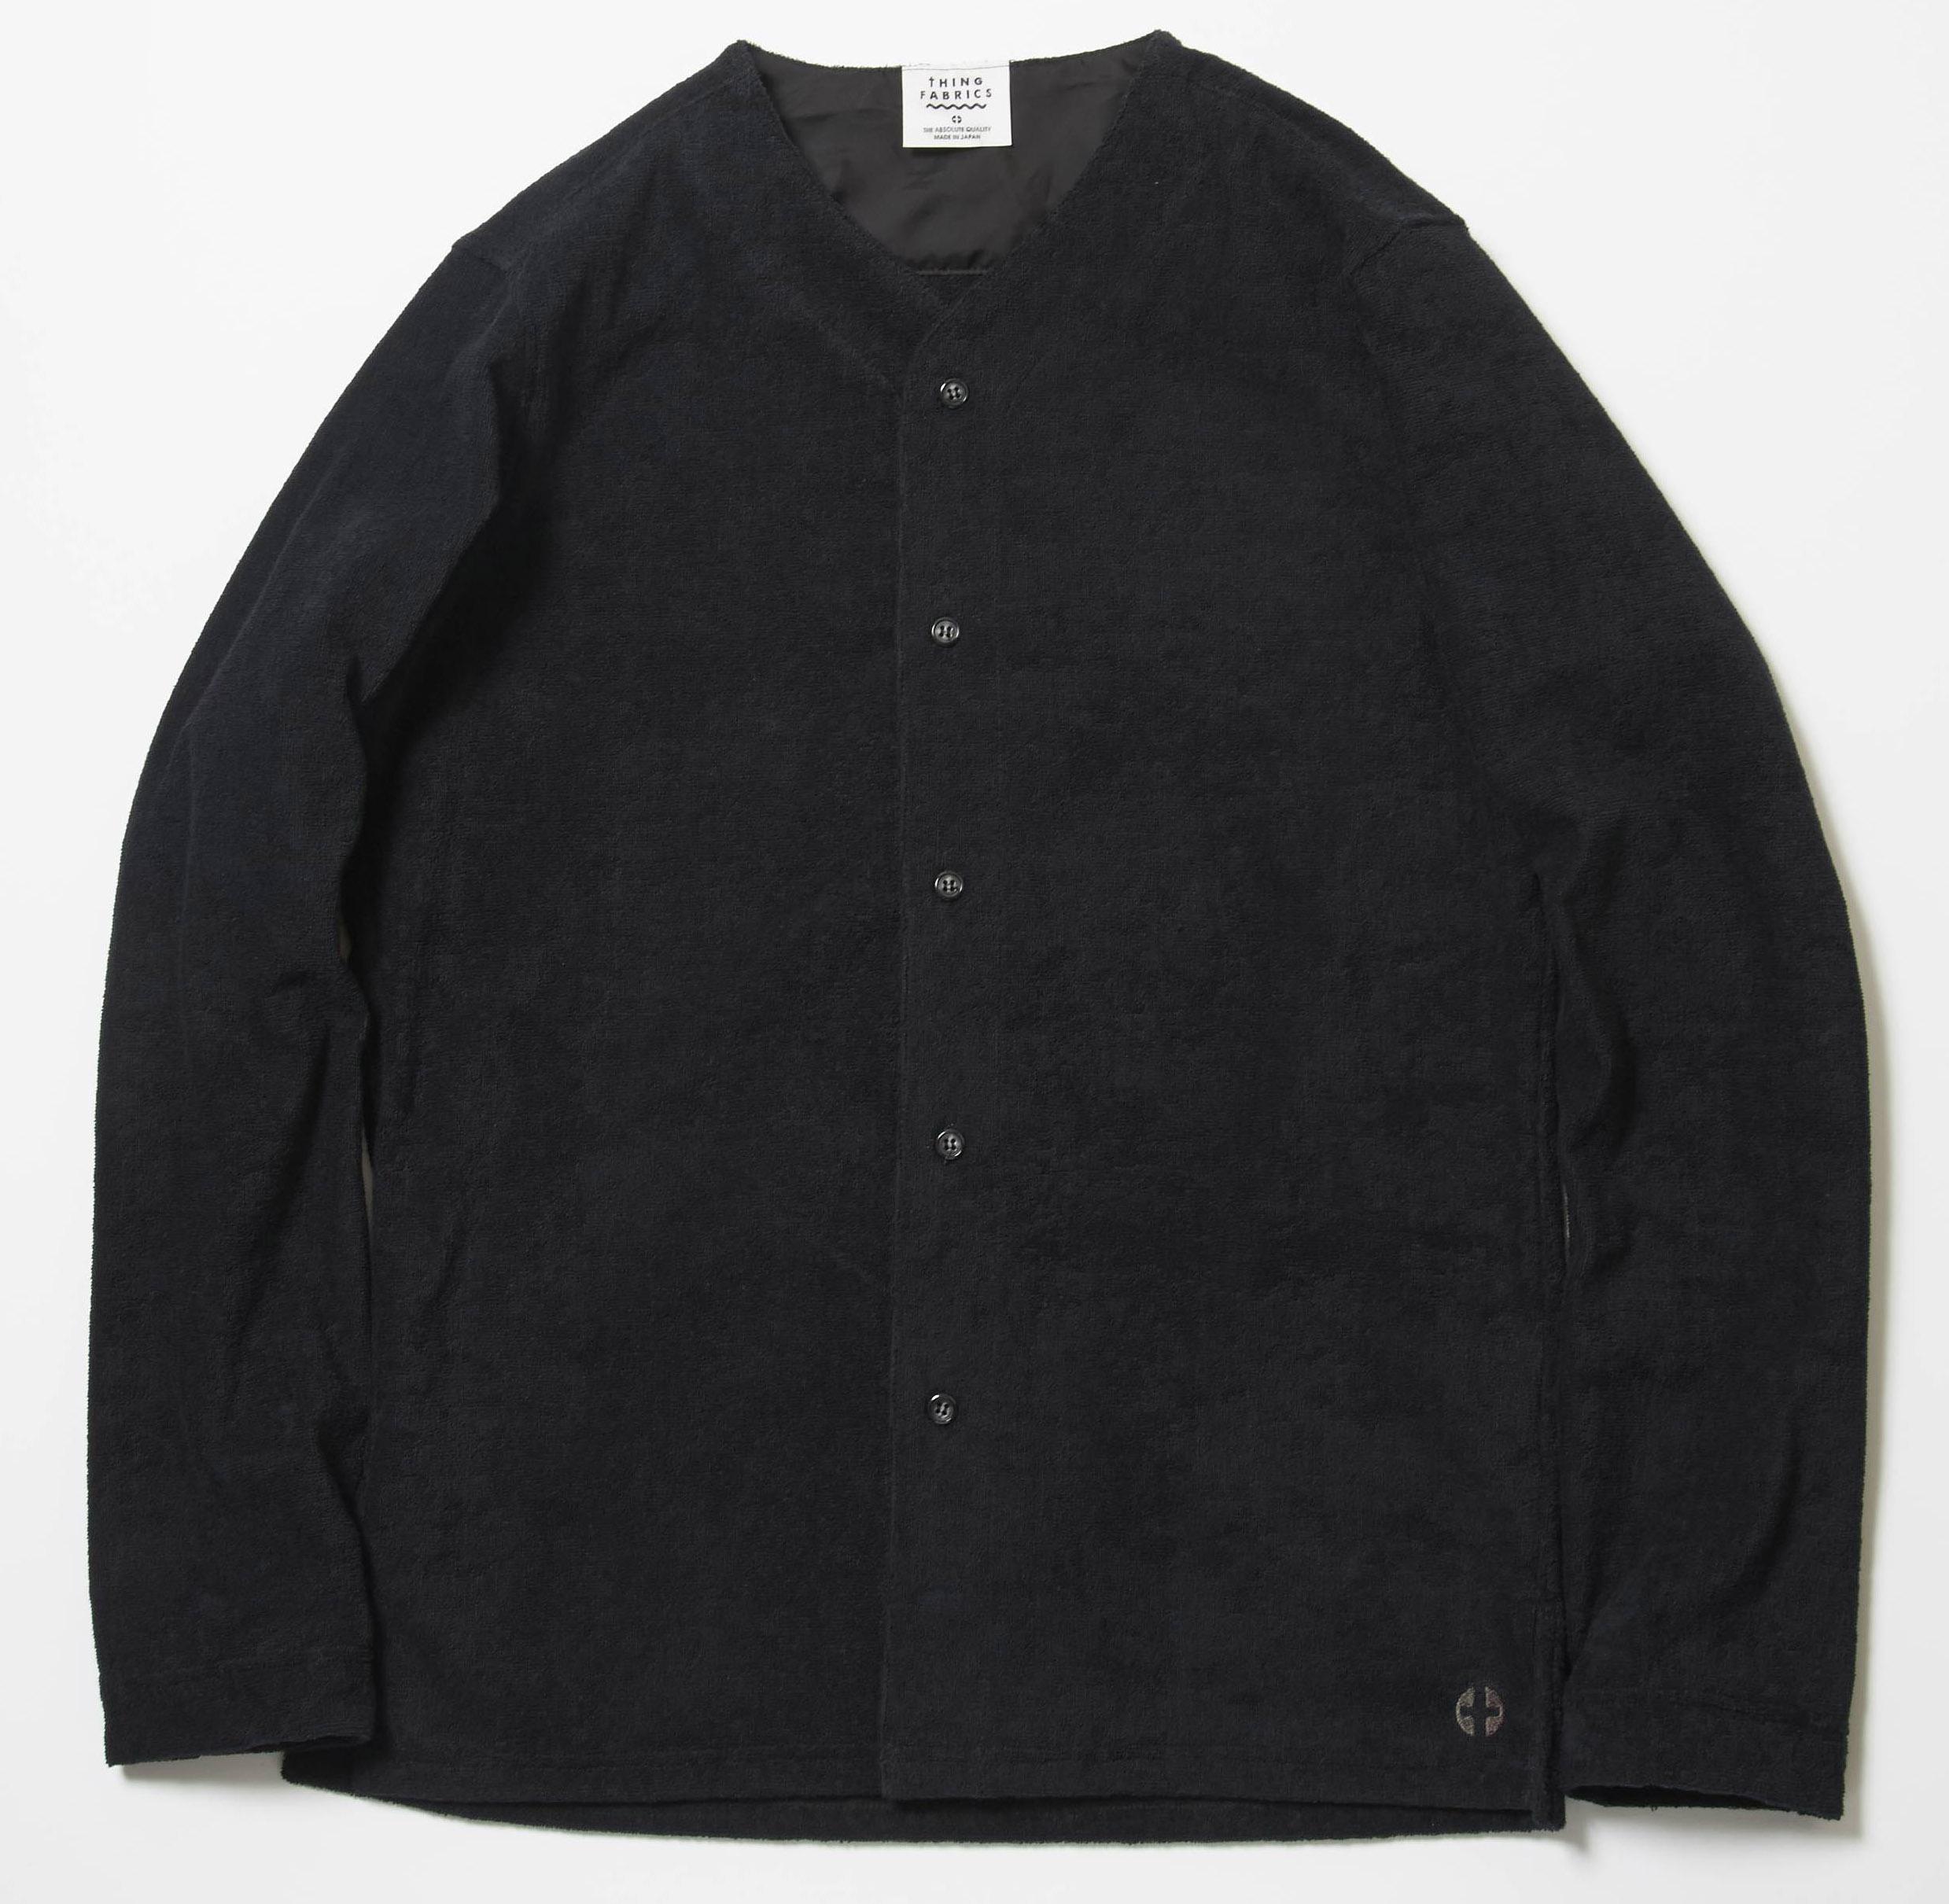 TFIN-1107 Black